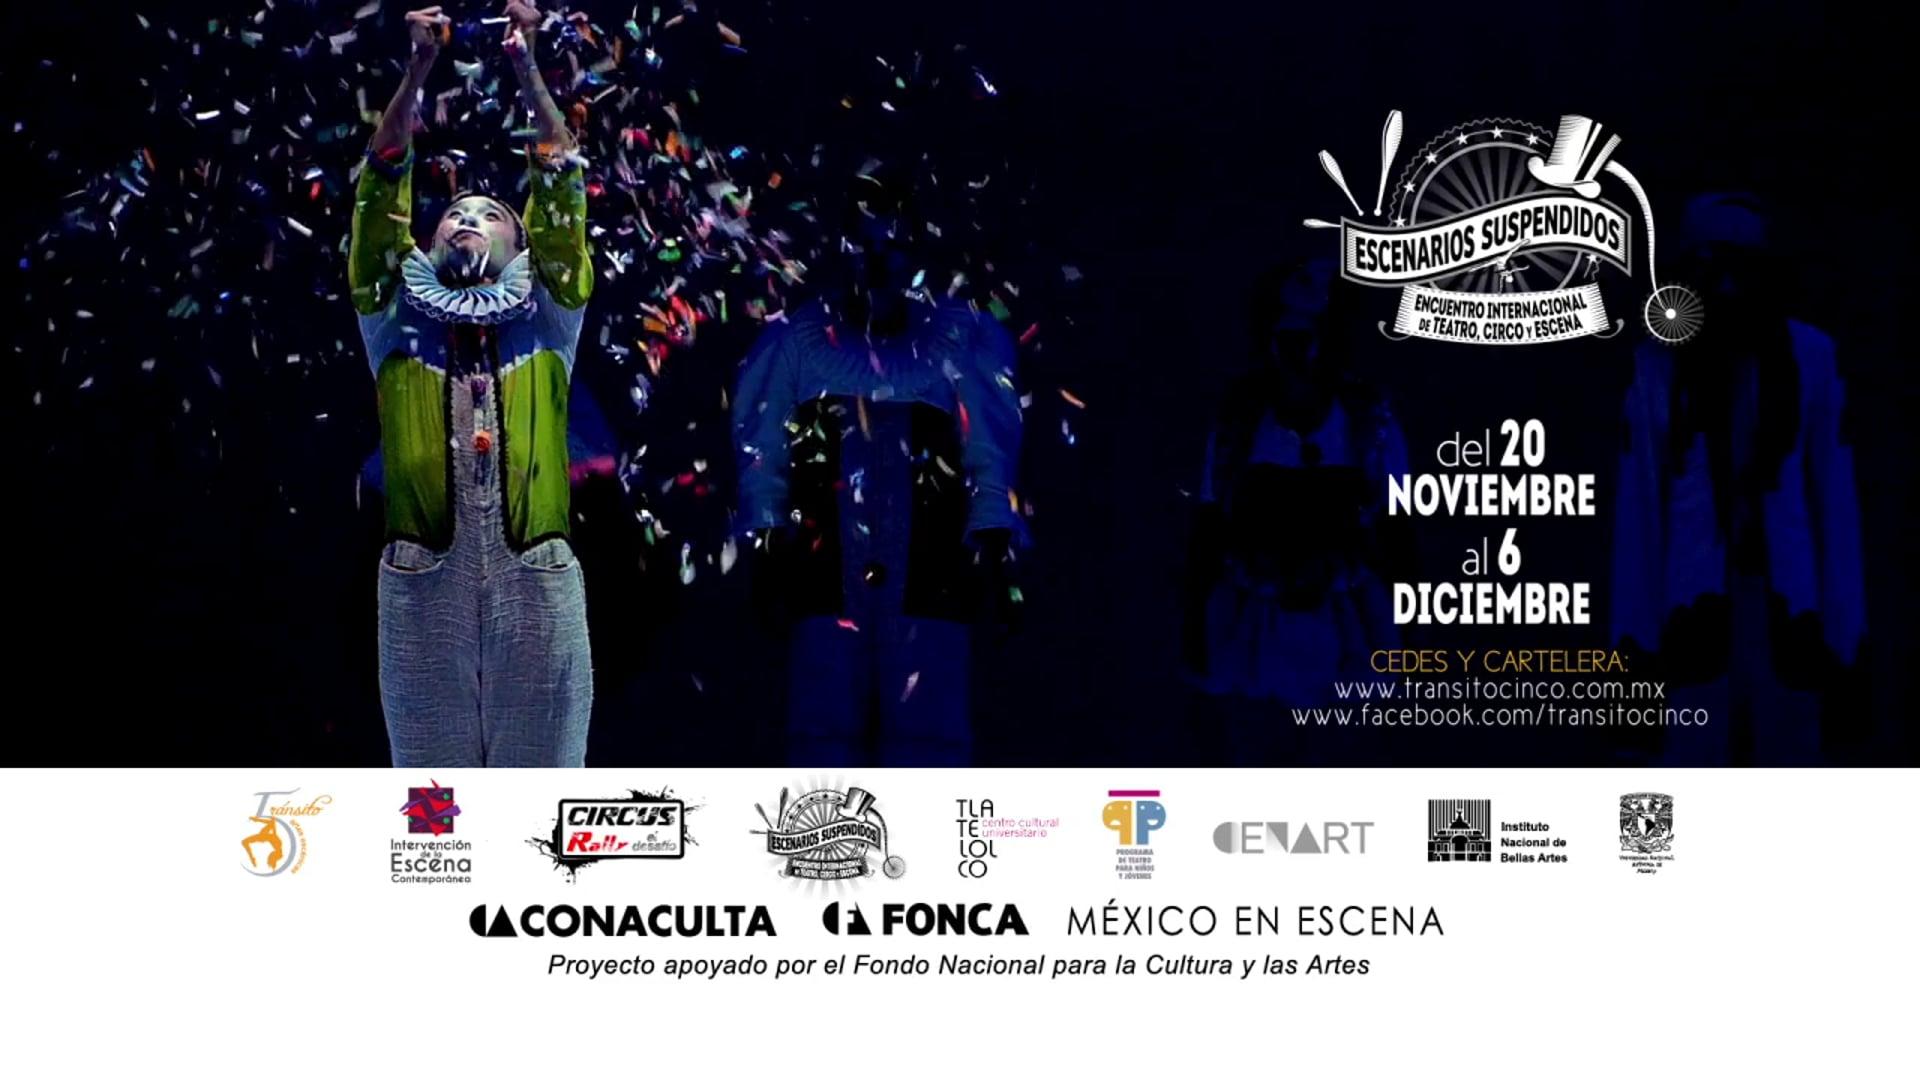 ESCENARIOS SUSPENDIDOS Encuentro Internacional de Teatro, Circo y Escena